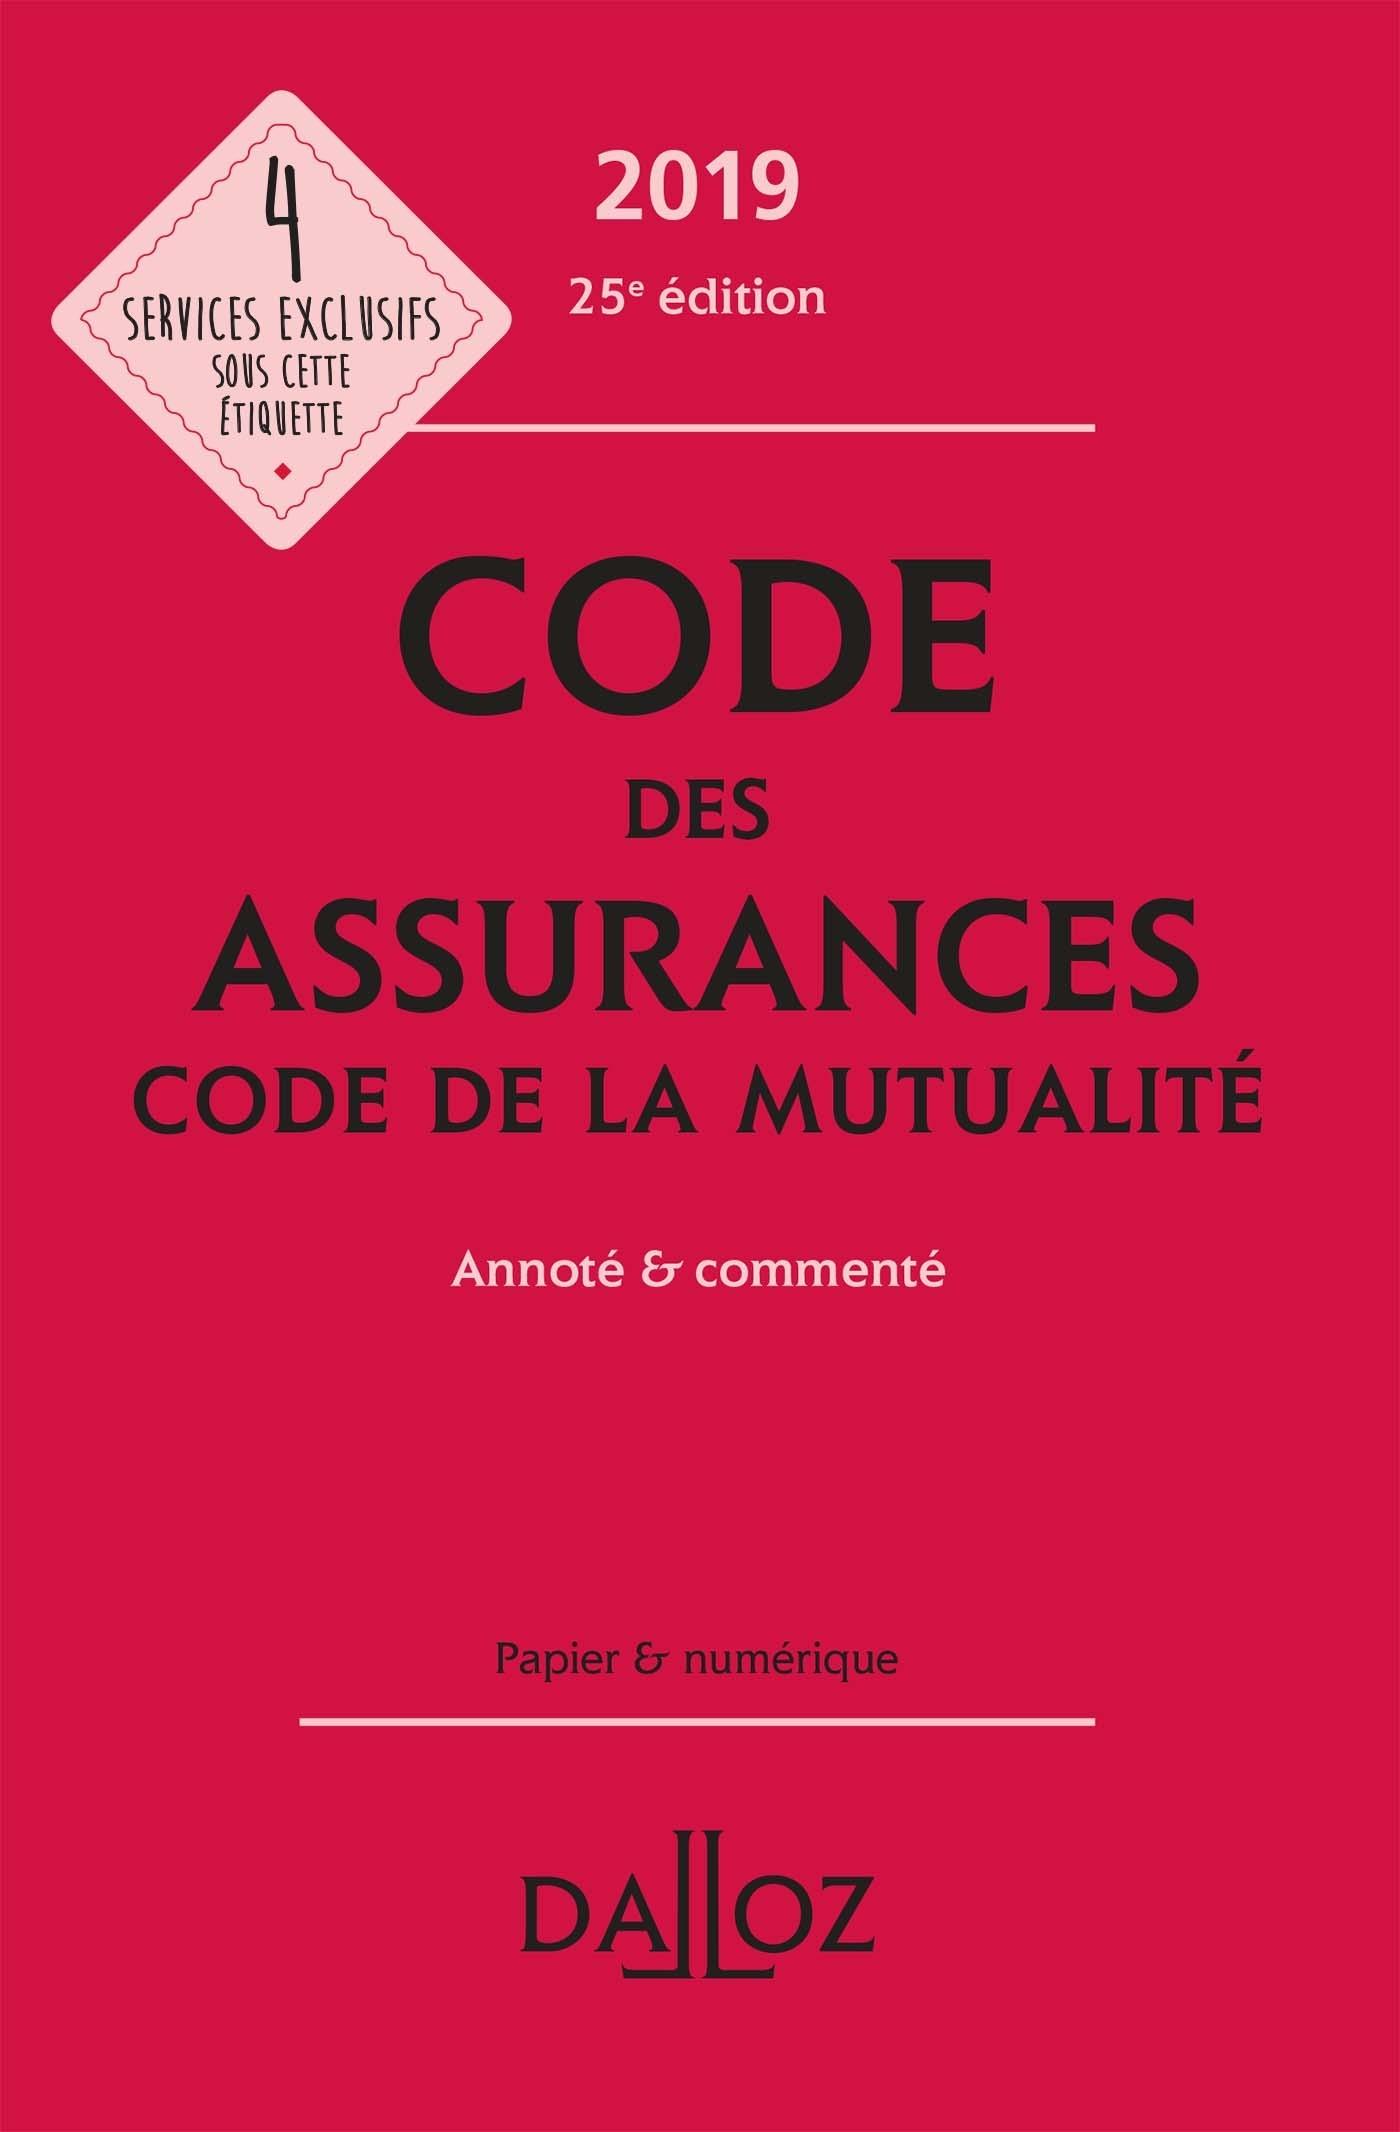 CODE DES ASSURANCES, CODE DE LA MUTUALITE 2019, ANNOTE ET COMMENTE - 25E ED.